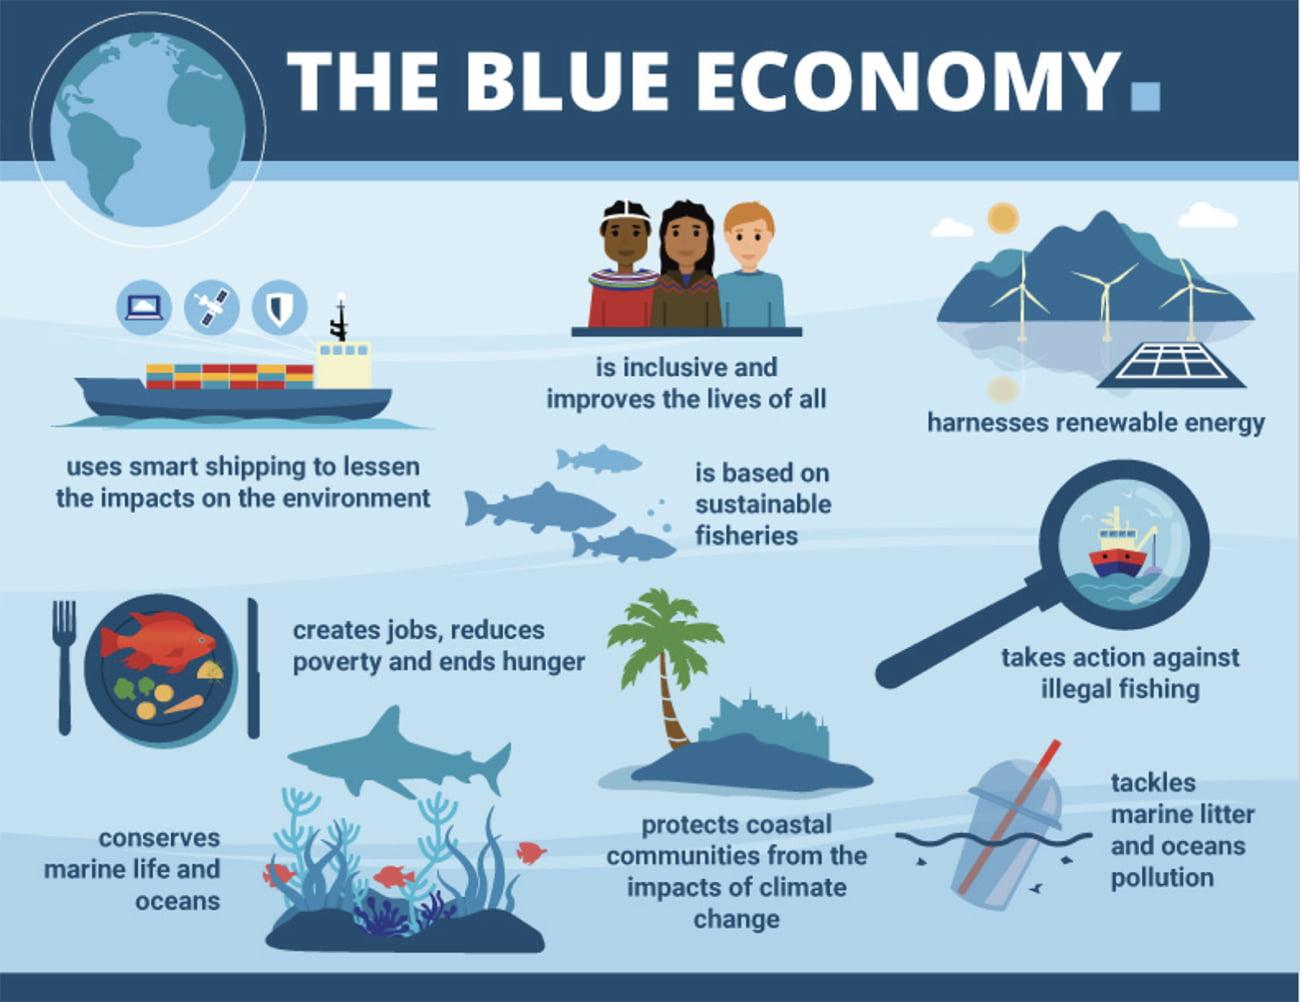 cartaz alusivo a Economia Azul dos USA